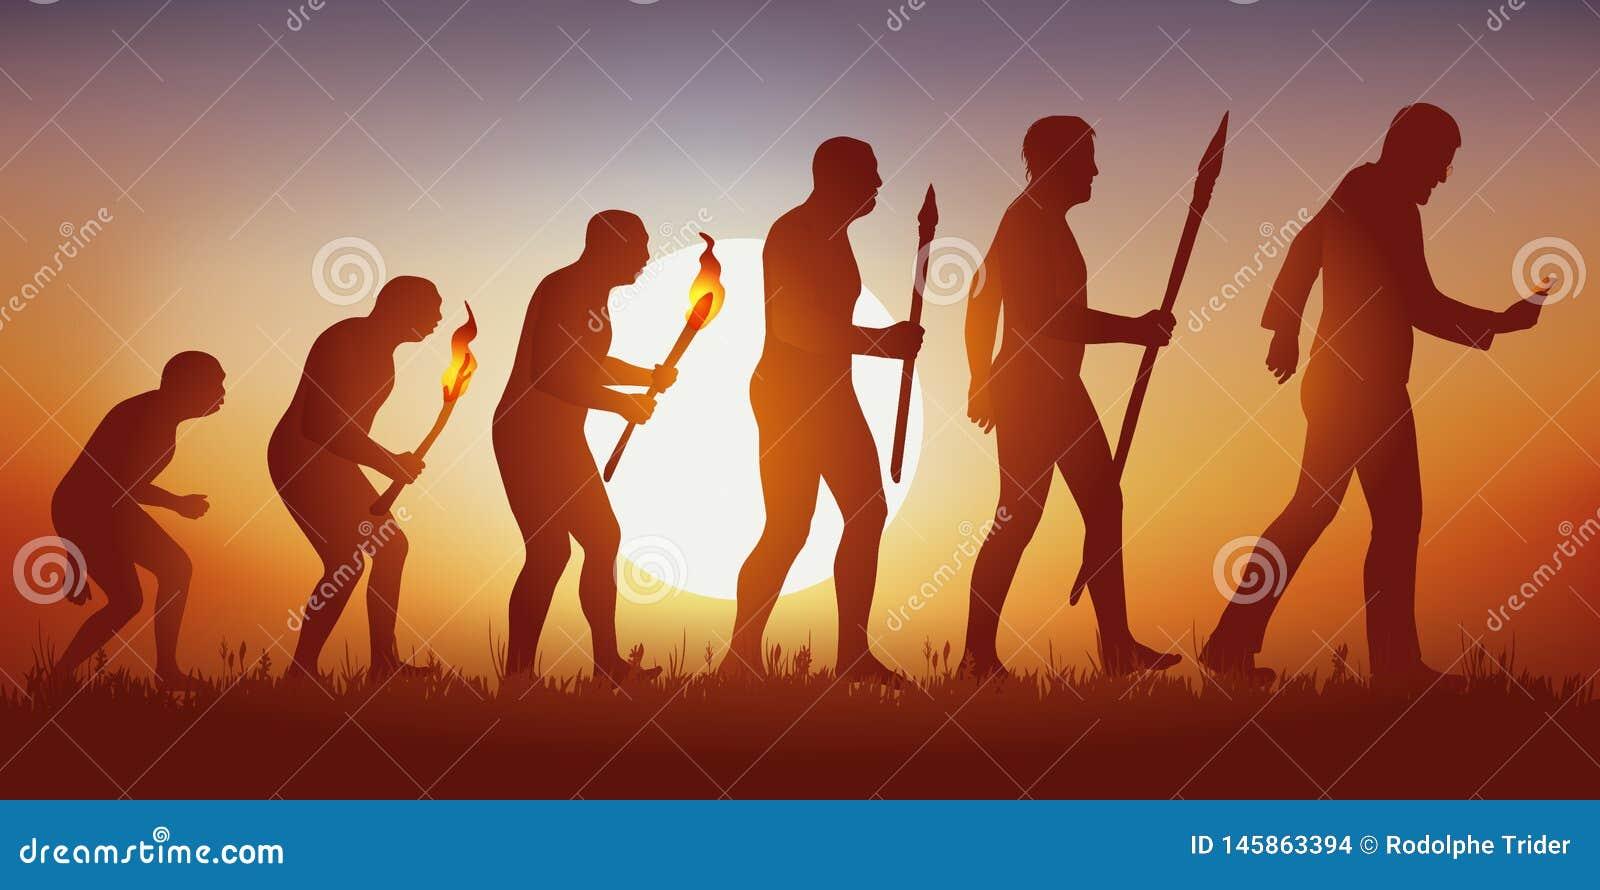 人类的演变往一个hyperconnected和社会主导的世界的